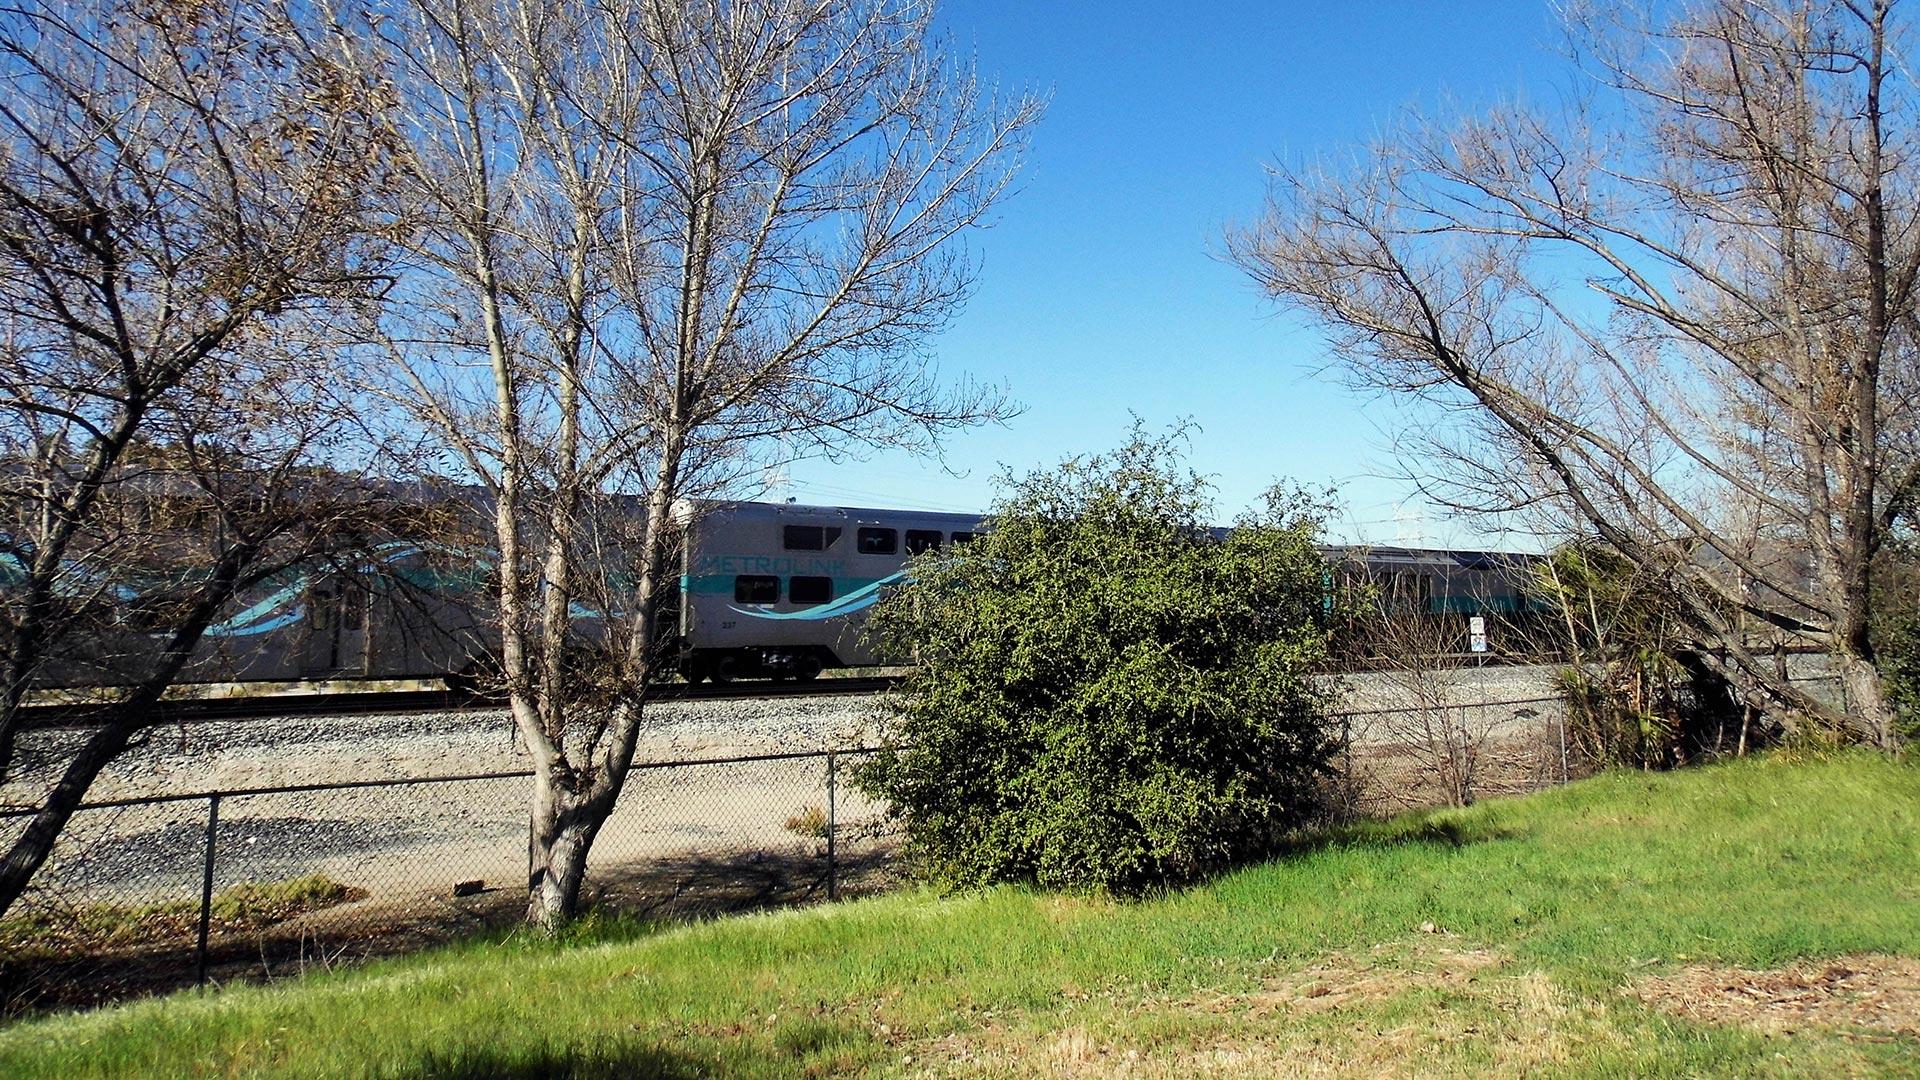 Trains near Taylor Yard River Park. | Sandi Hemmerlein